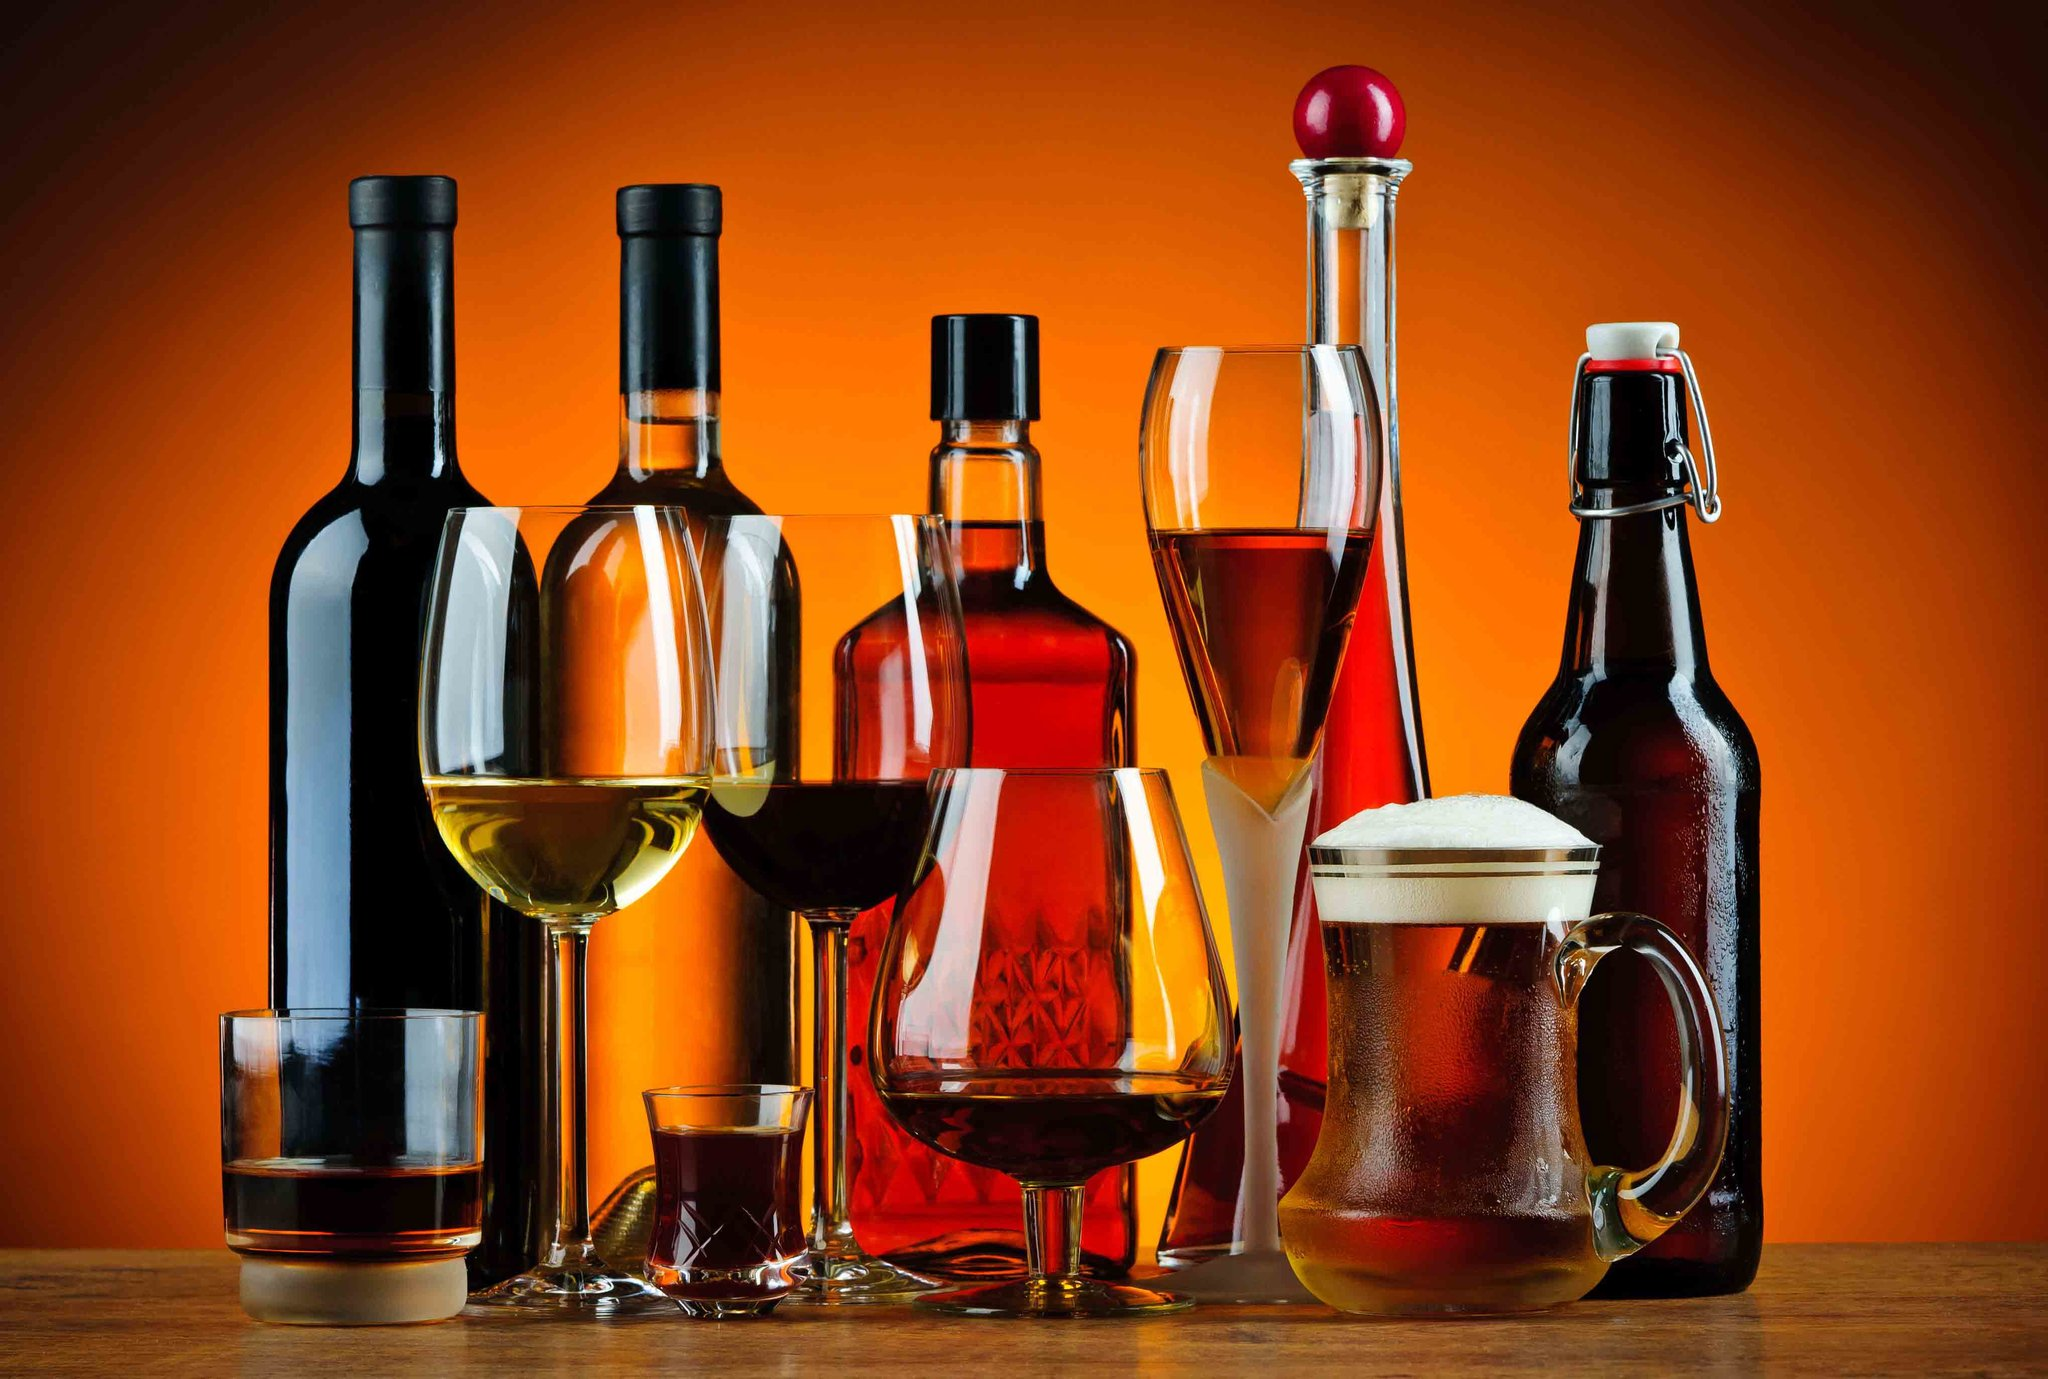 Закон о продаже алкогольной продукции